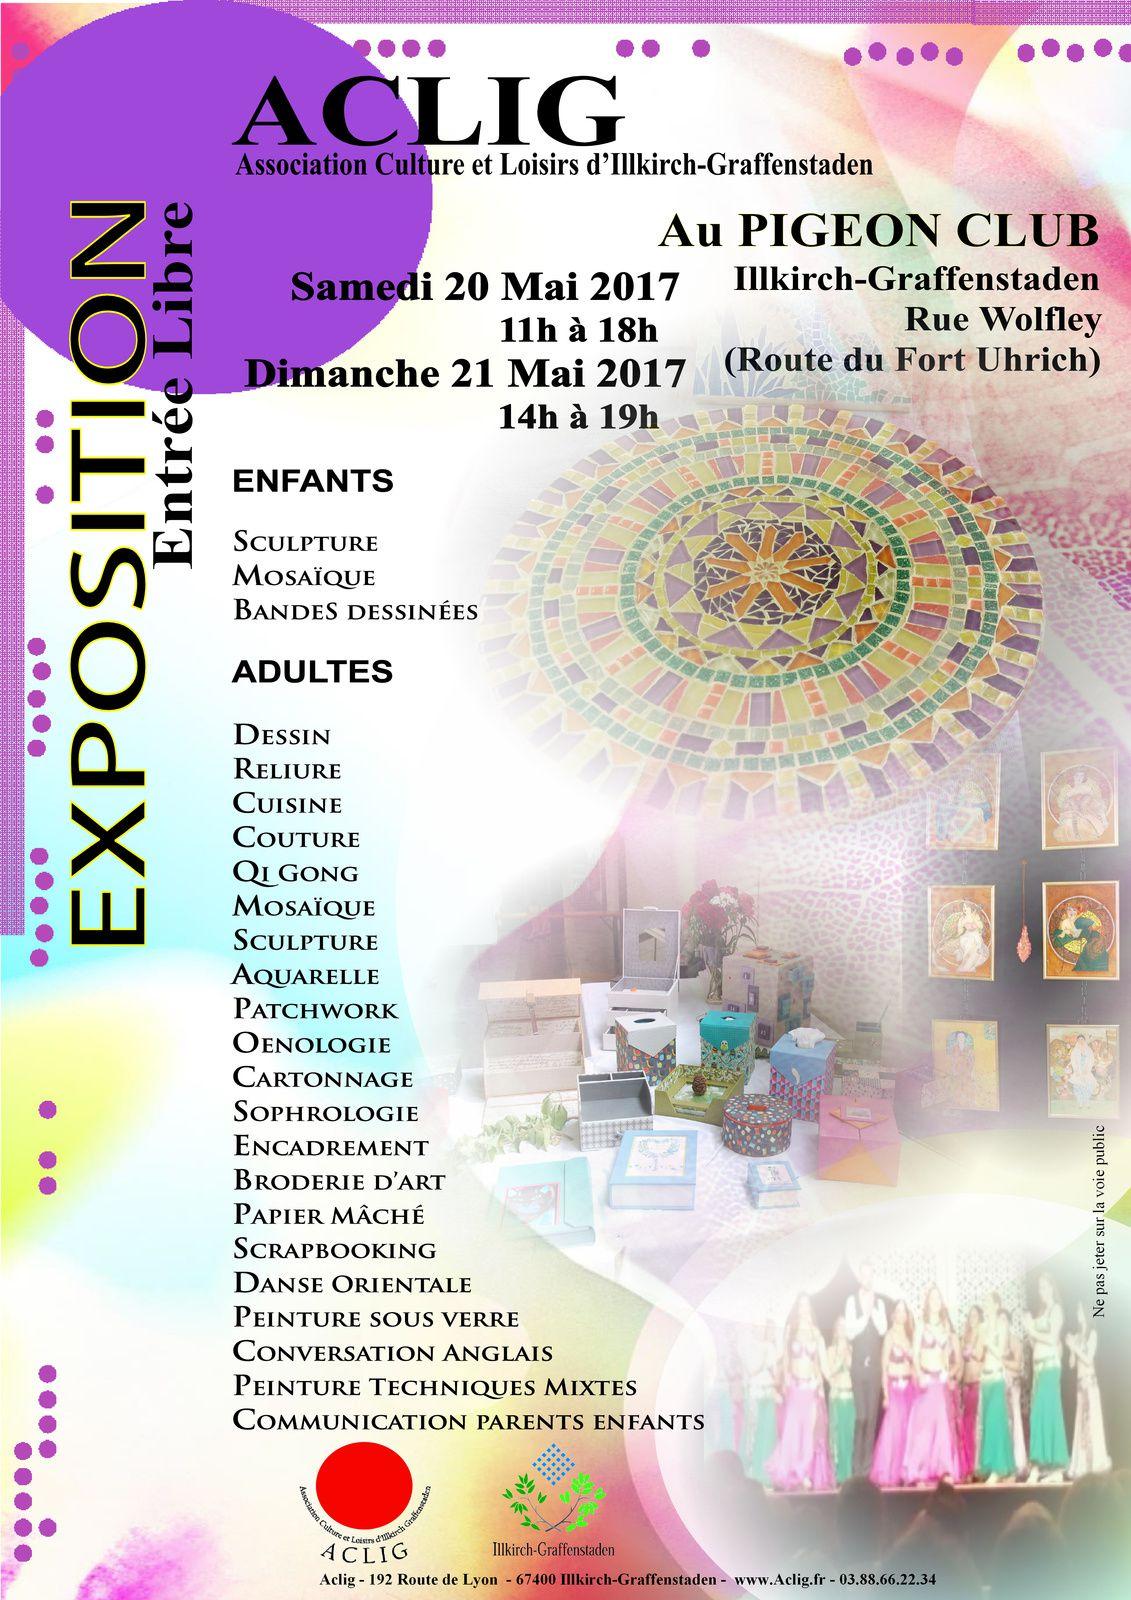 Exposition Aclig 20 et 21 mai 2017